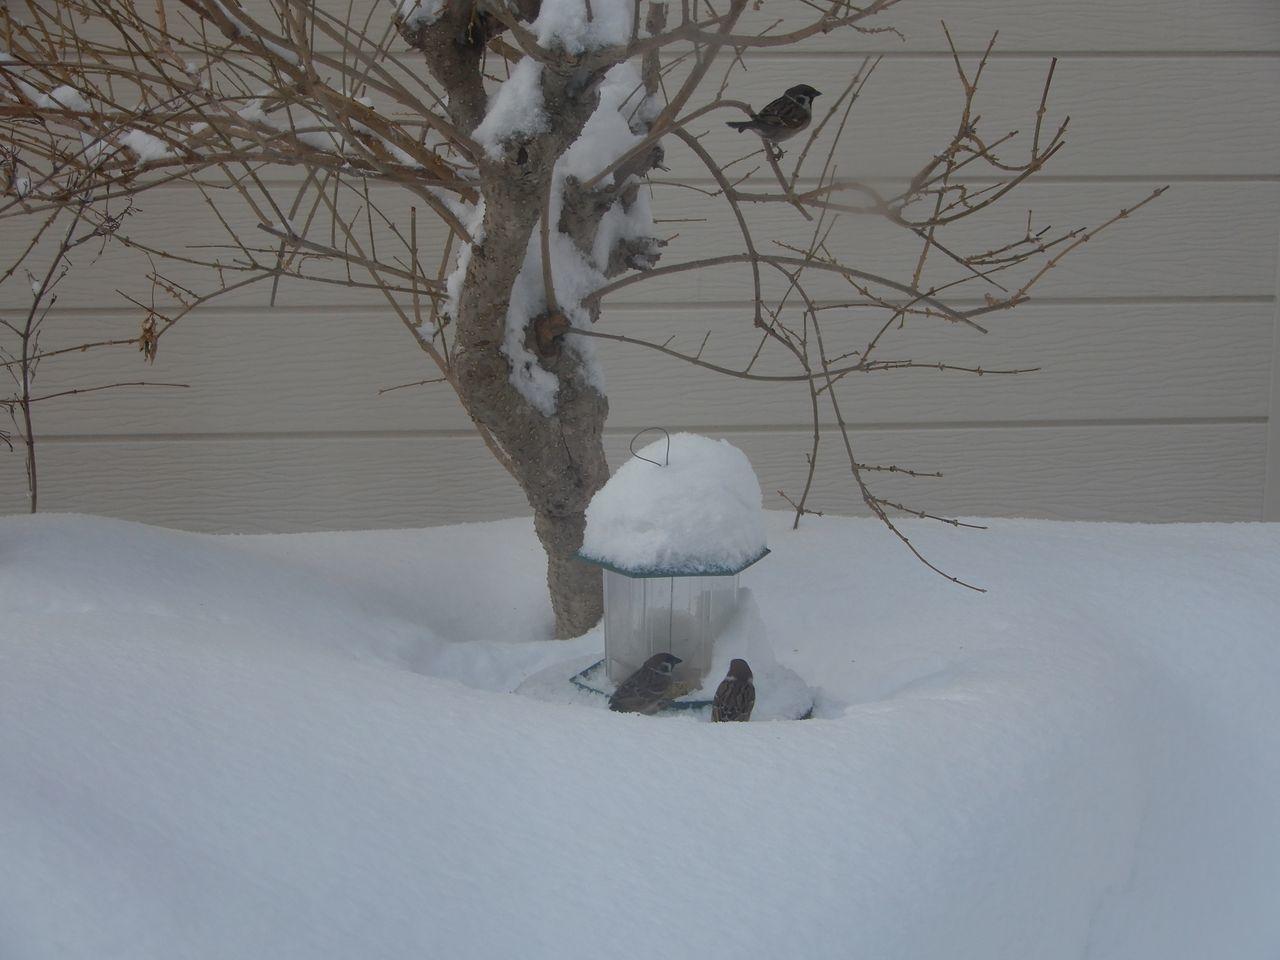 必死で雪を掘って餌を探すスズメ_c0025115_22081438.jpg